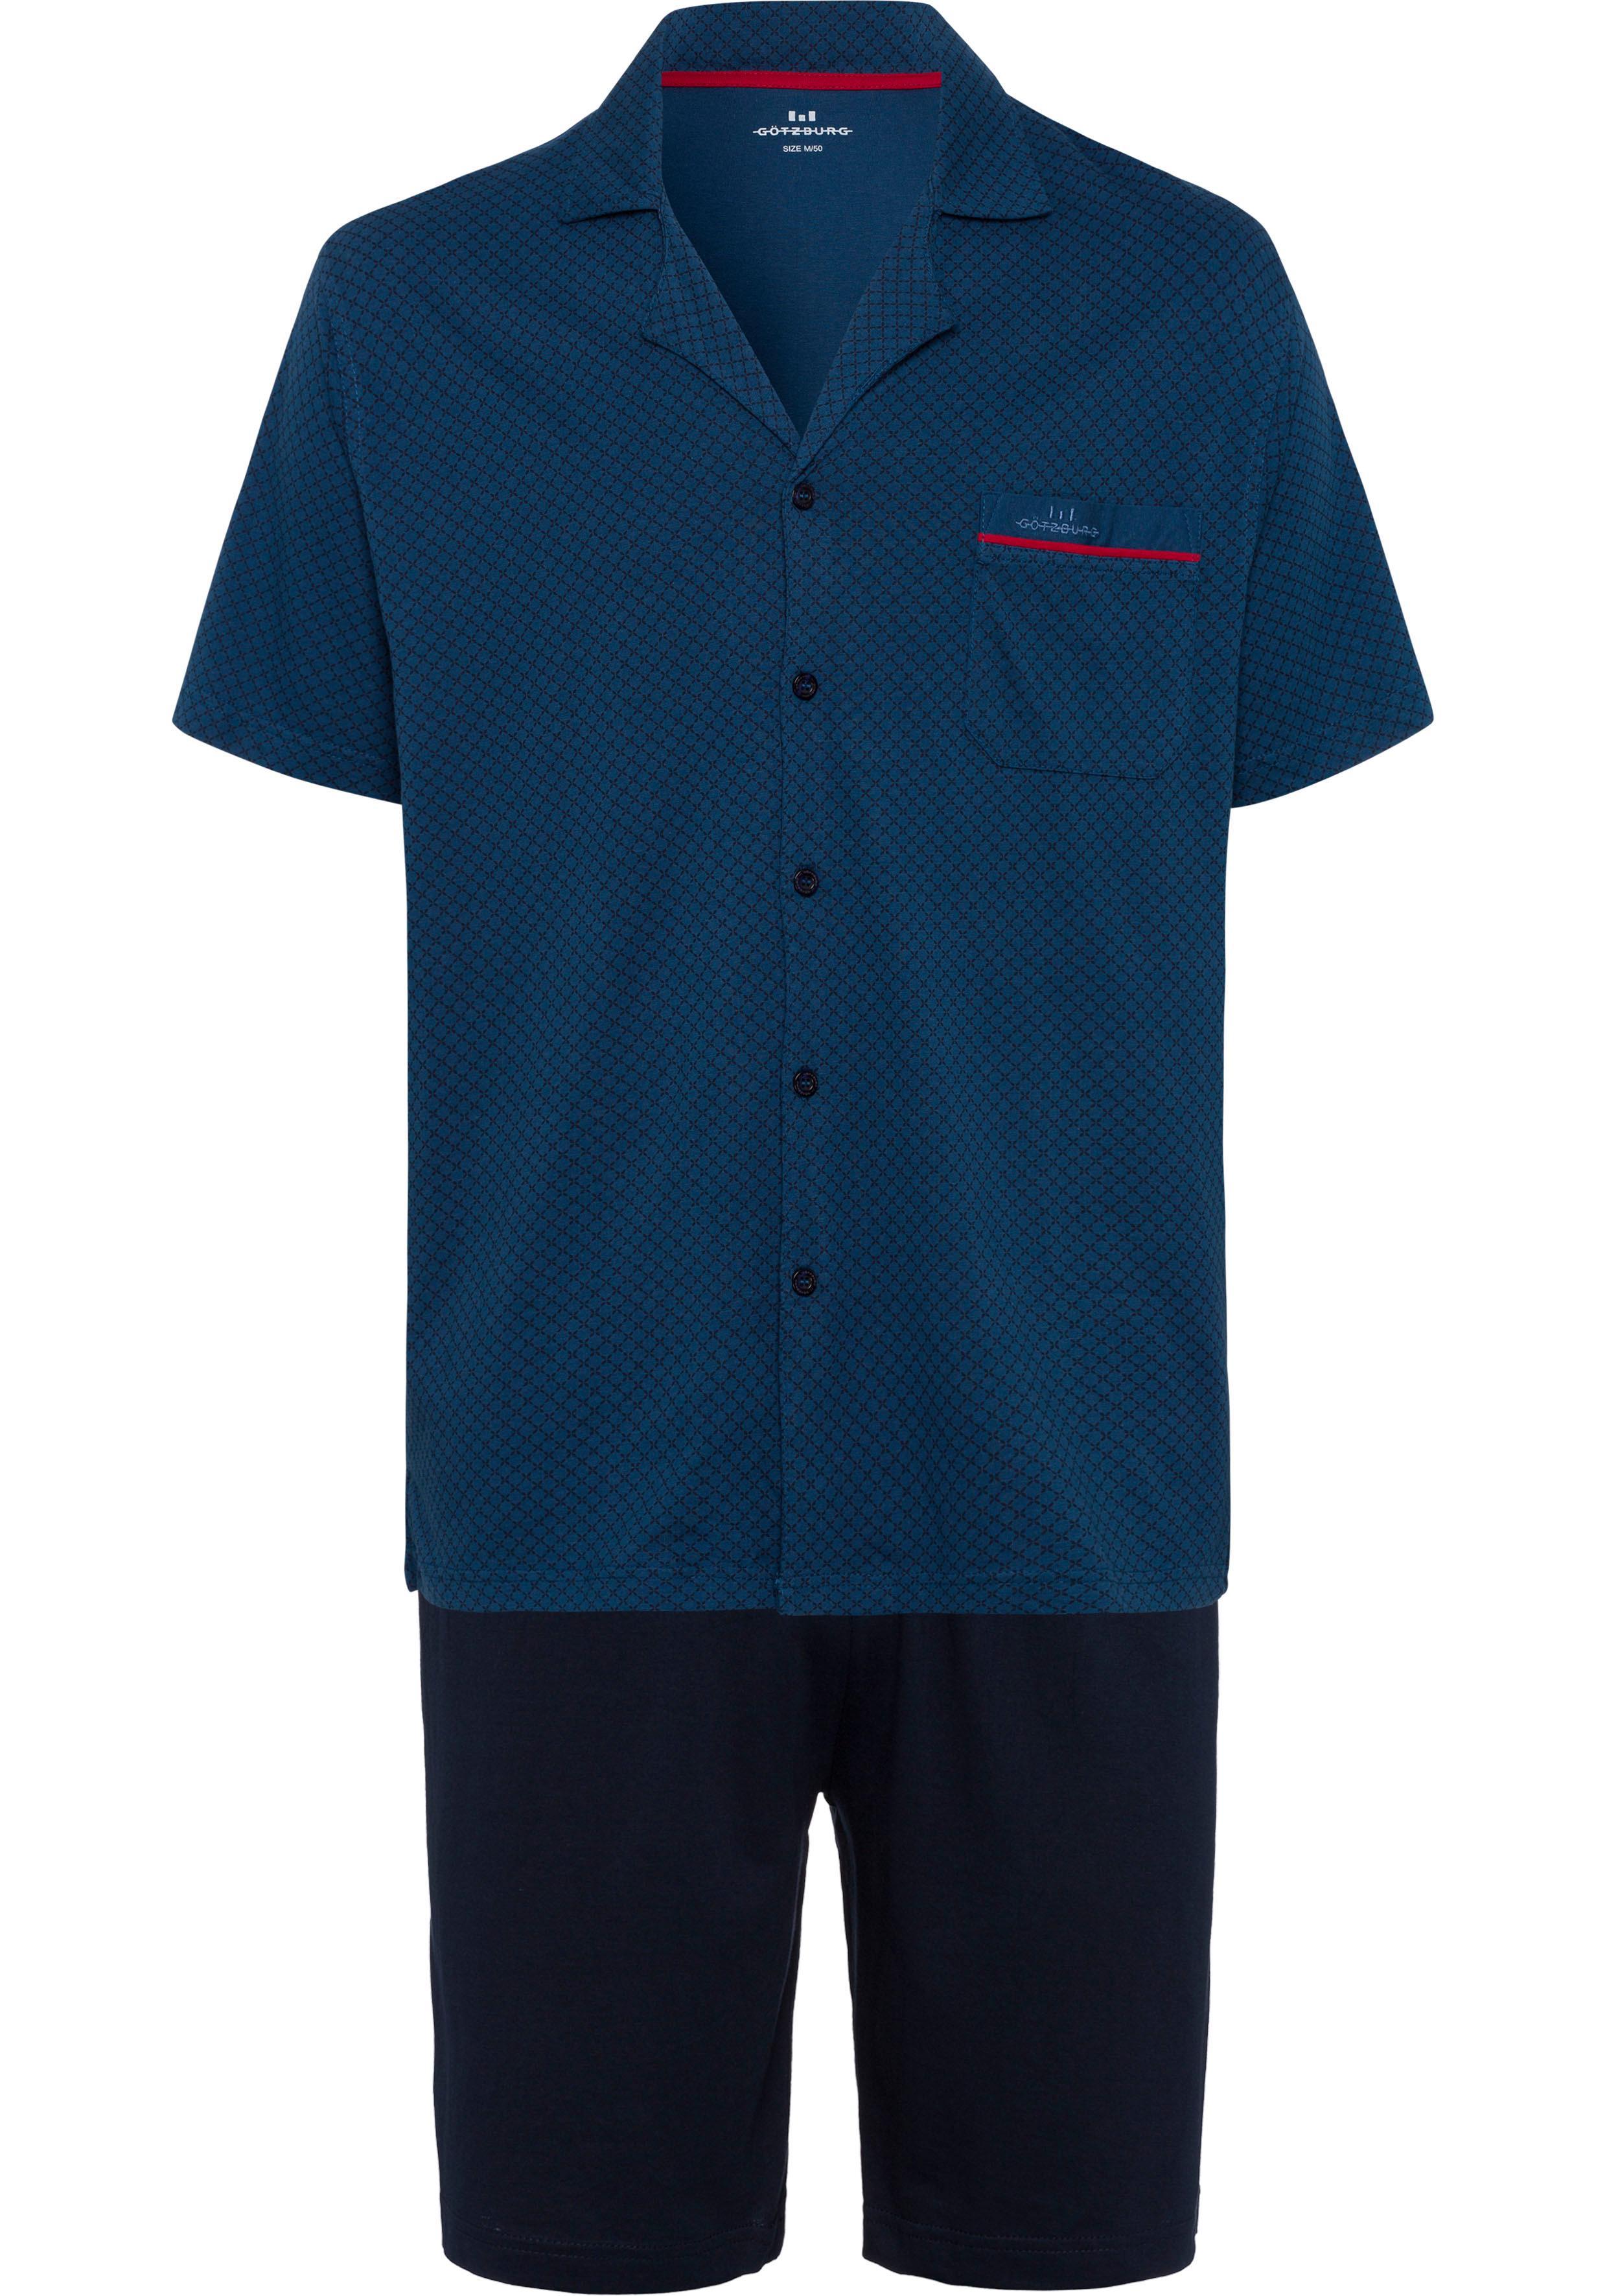 Götzburg Pyjama kurz   Bekleidung > Wäsche   Blau   Götzburg